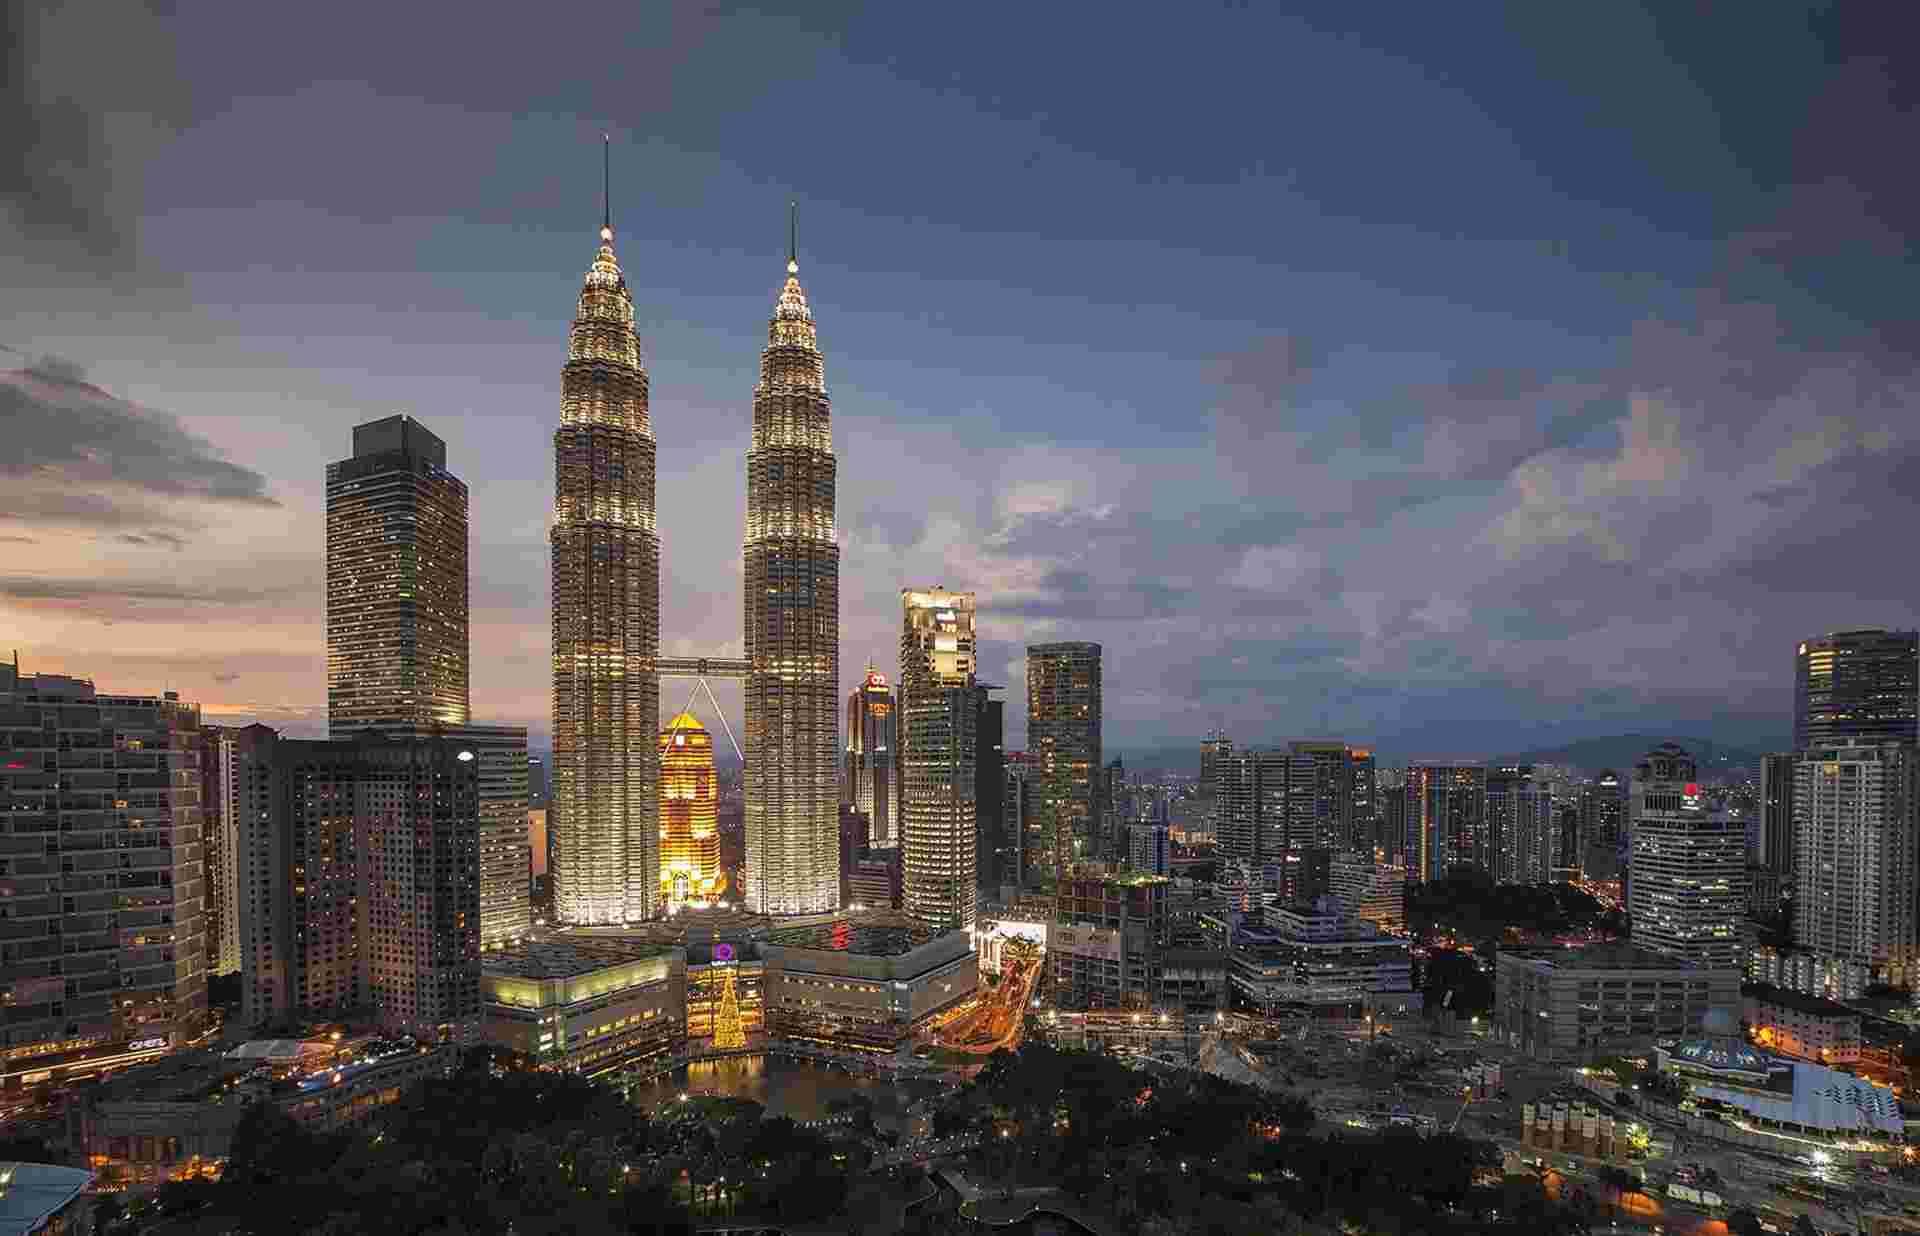 Du lịch tự túc Malaysia: 4 ngày 3 đêm khám phá Kuala Lumpur & Ipoh